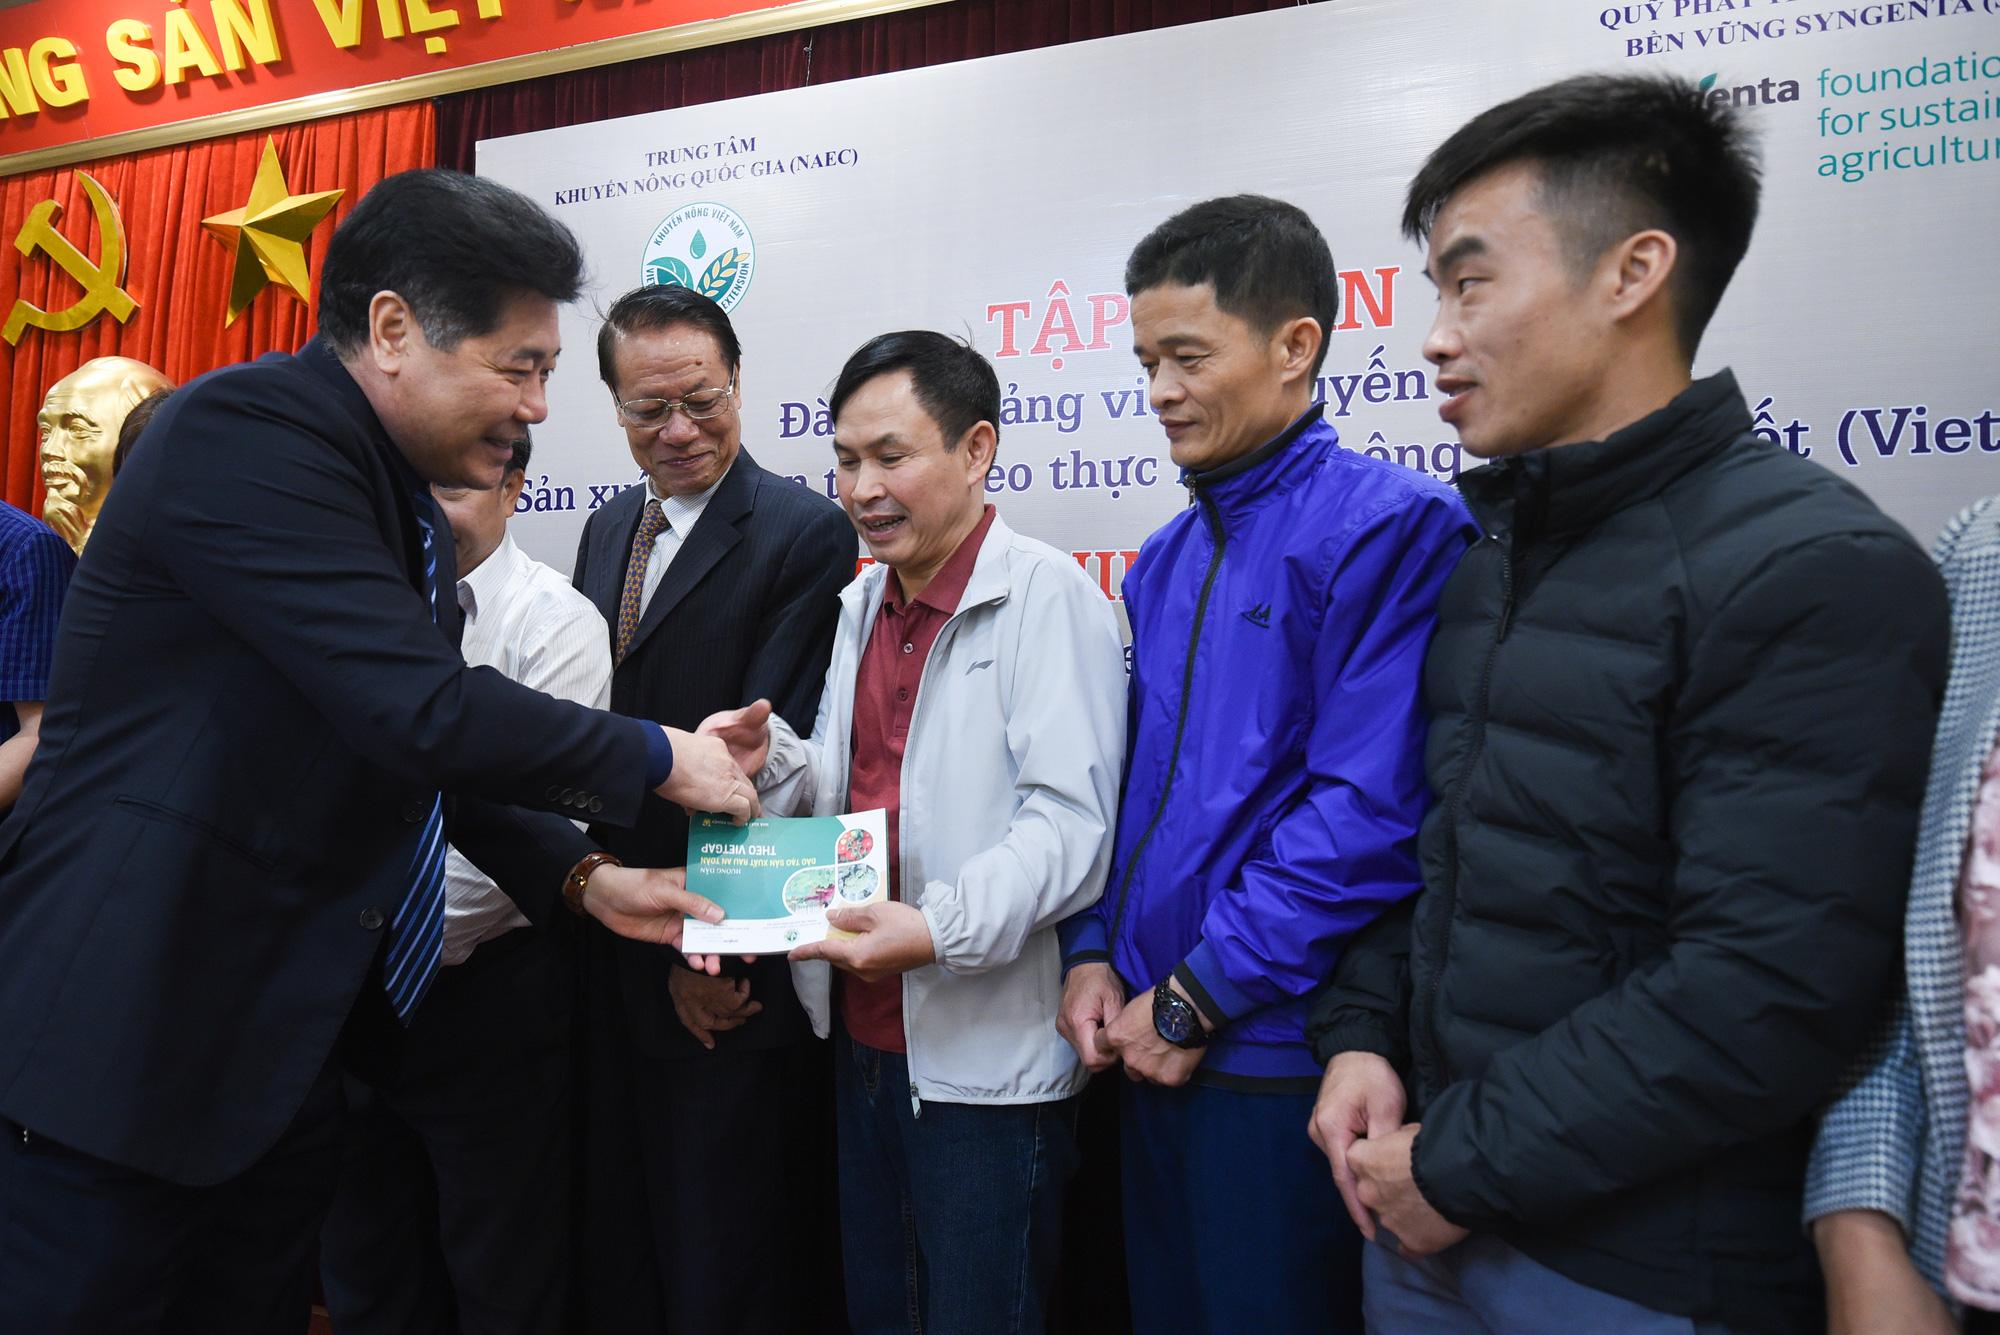 Hà Nội: Cán bộ khuyến nông học trồng rau VietGAP - Ảnh 2.